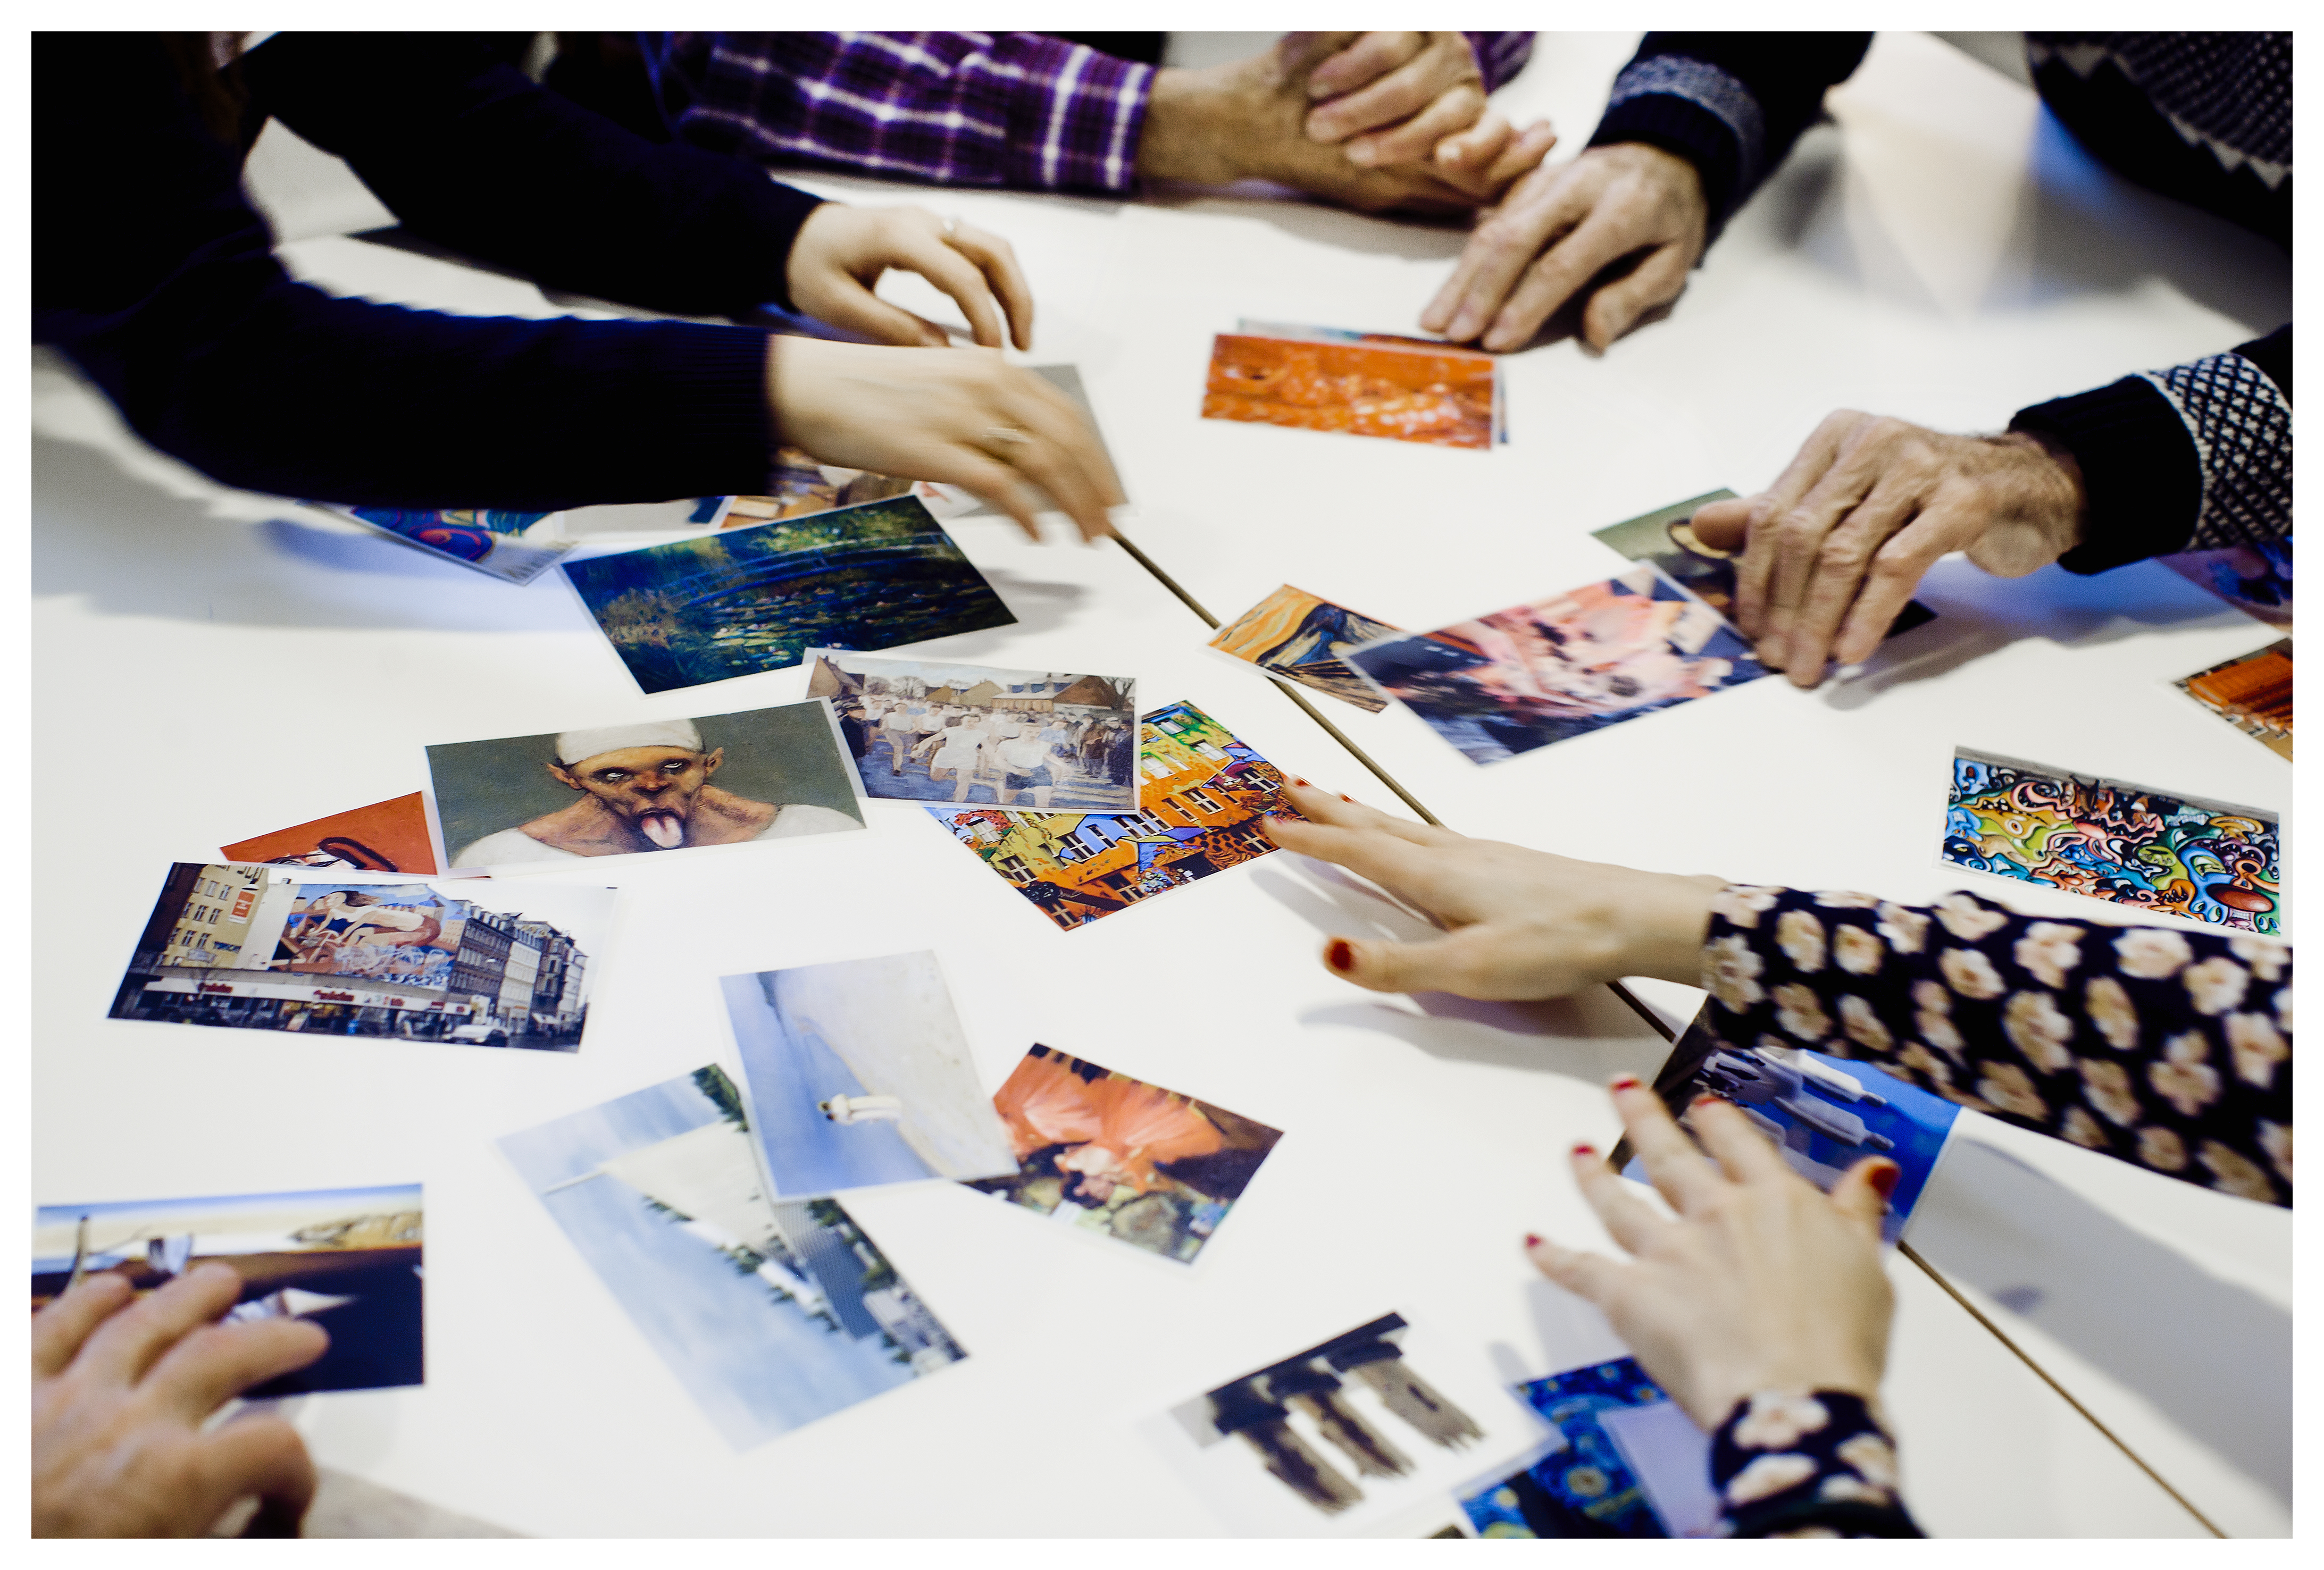 CST er en evidensbaseret terapiform, der fremmer kognitionen hos borgere med demens gennem meningsfulde samtaler i grupper - for eksempel om kunst.